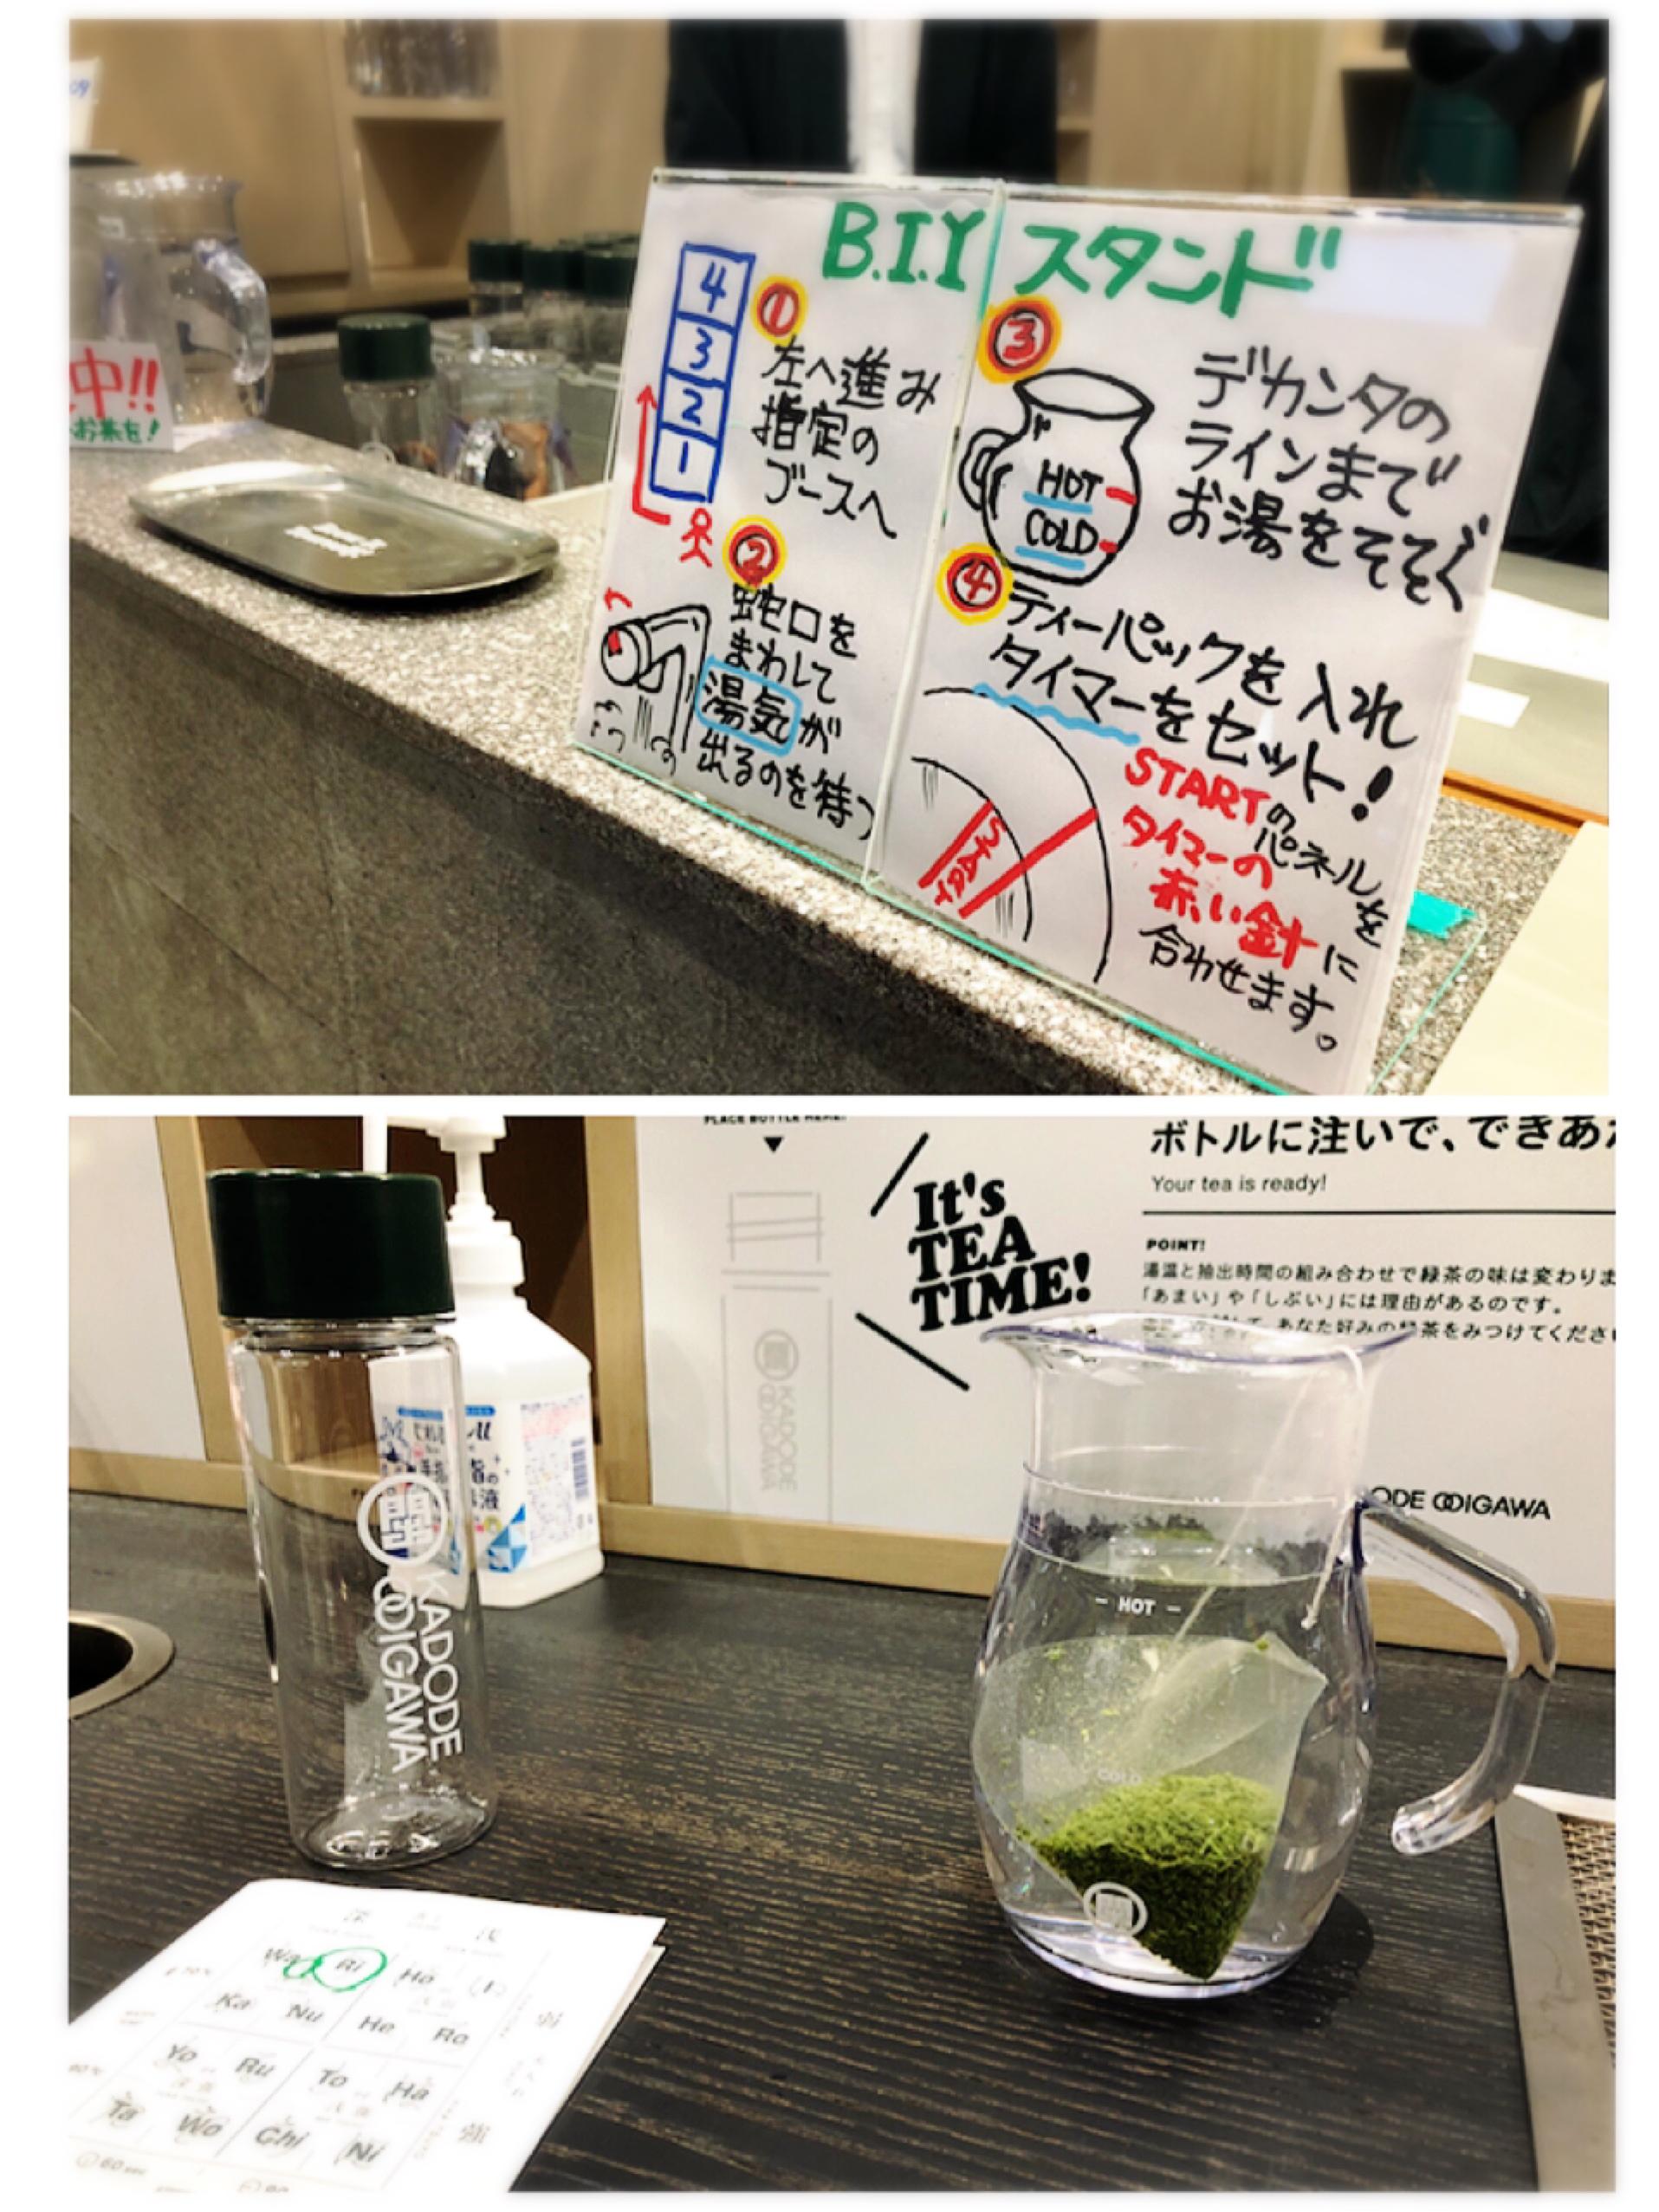 【#静岡】Newスポット⭐︎体験型フードパーク♩自分好みの緑茶を♡KADODE OOIGAWAに行ってきました♩_6